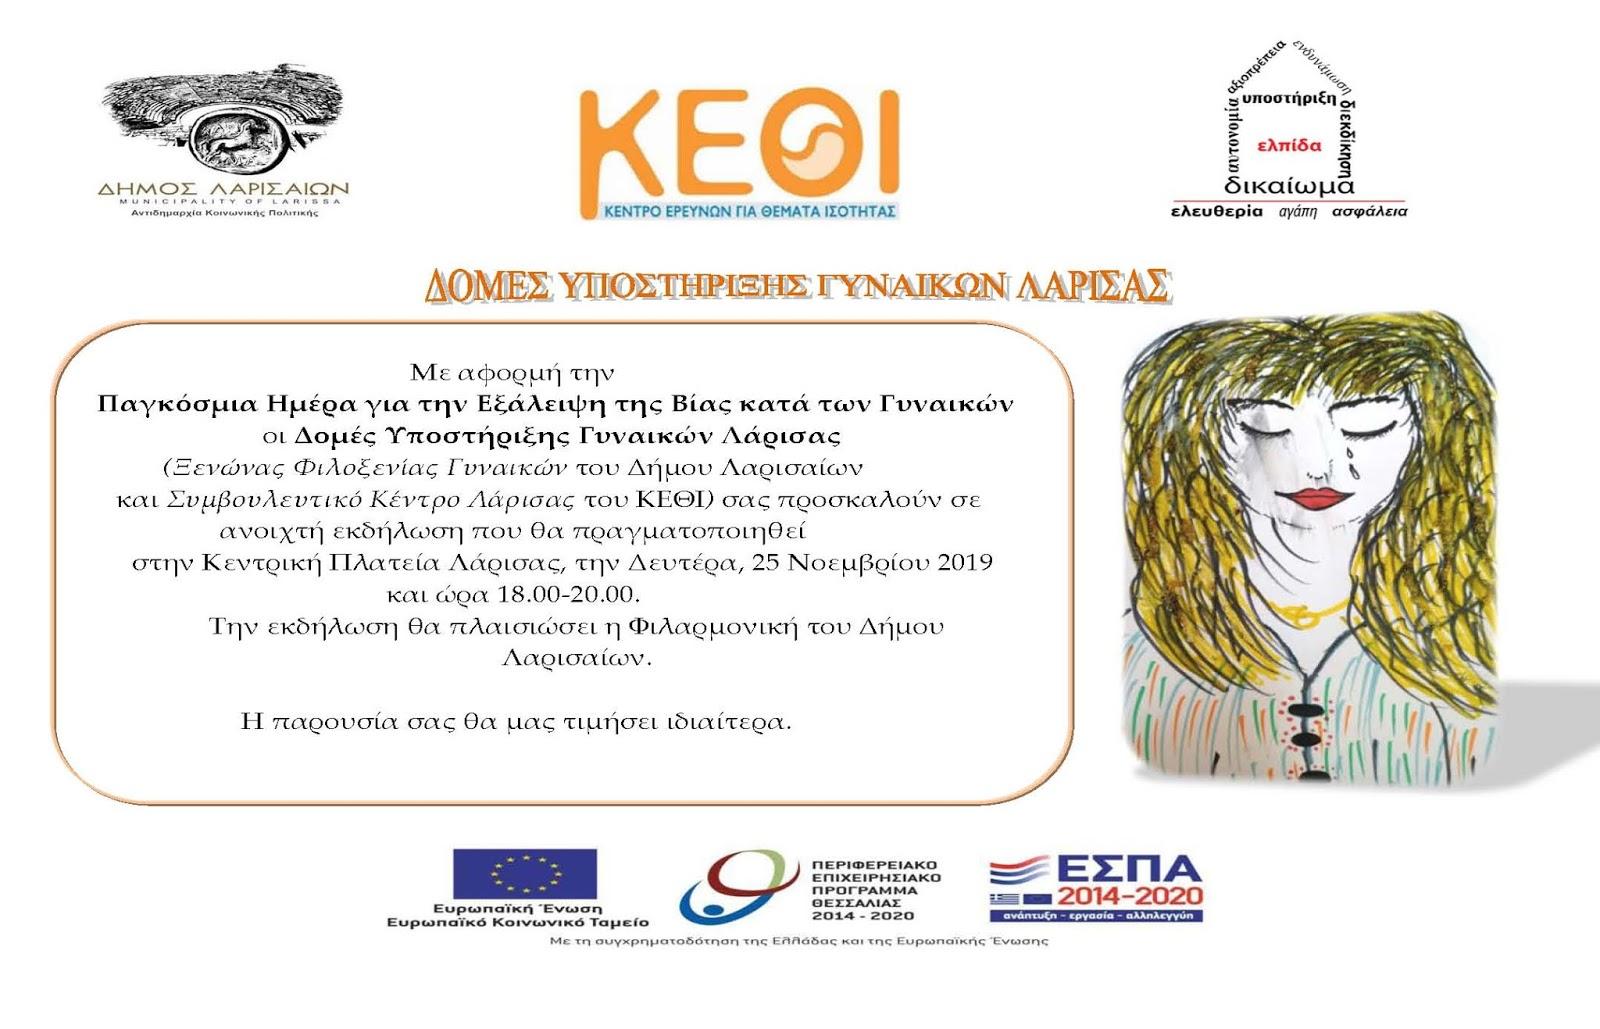 Εκδήλωση για την Παγκόσμια Ημέρα για την Εξάλειψη της Βίας κατά των Γυναικών